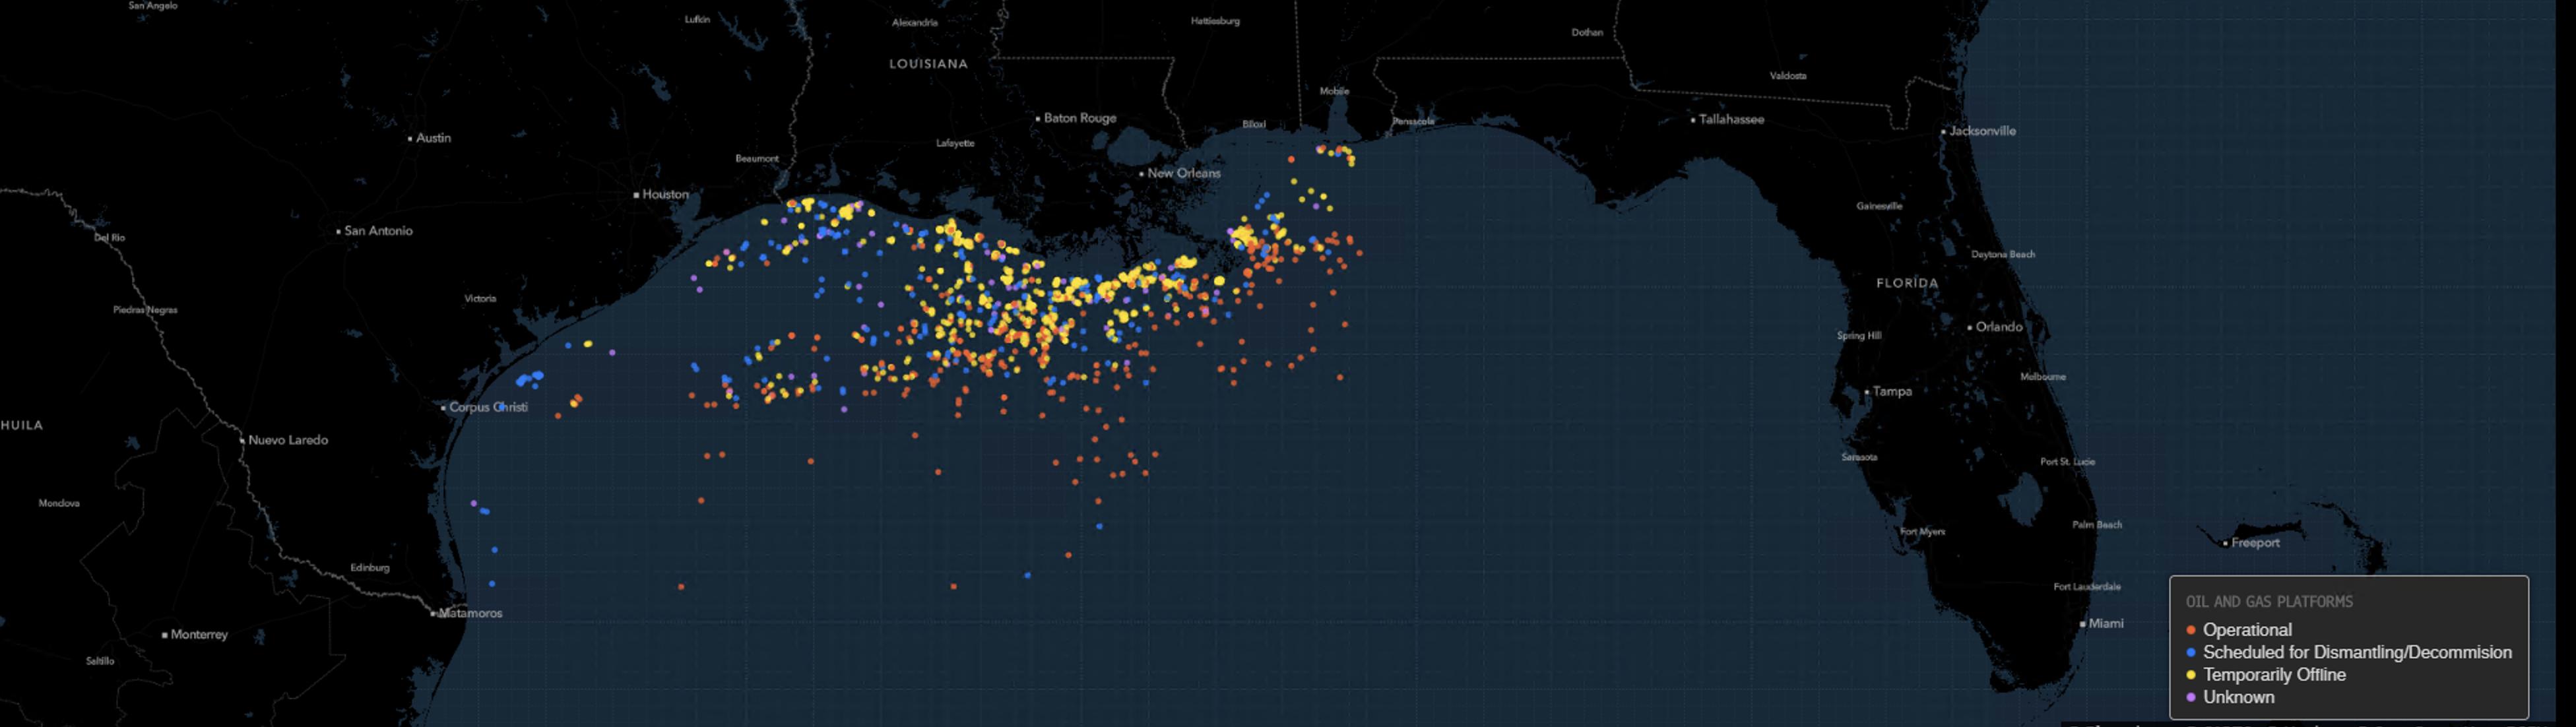 Oil Rigs Shutdown in Gulf of Mexico